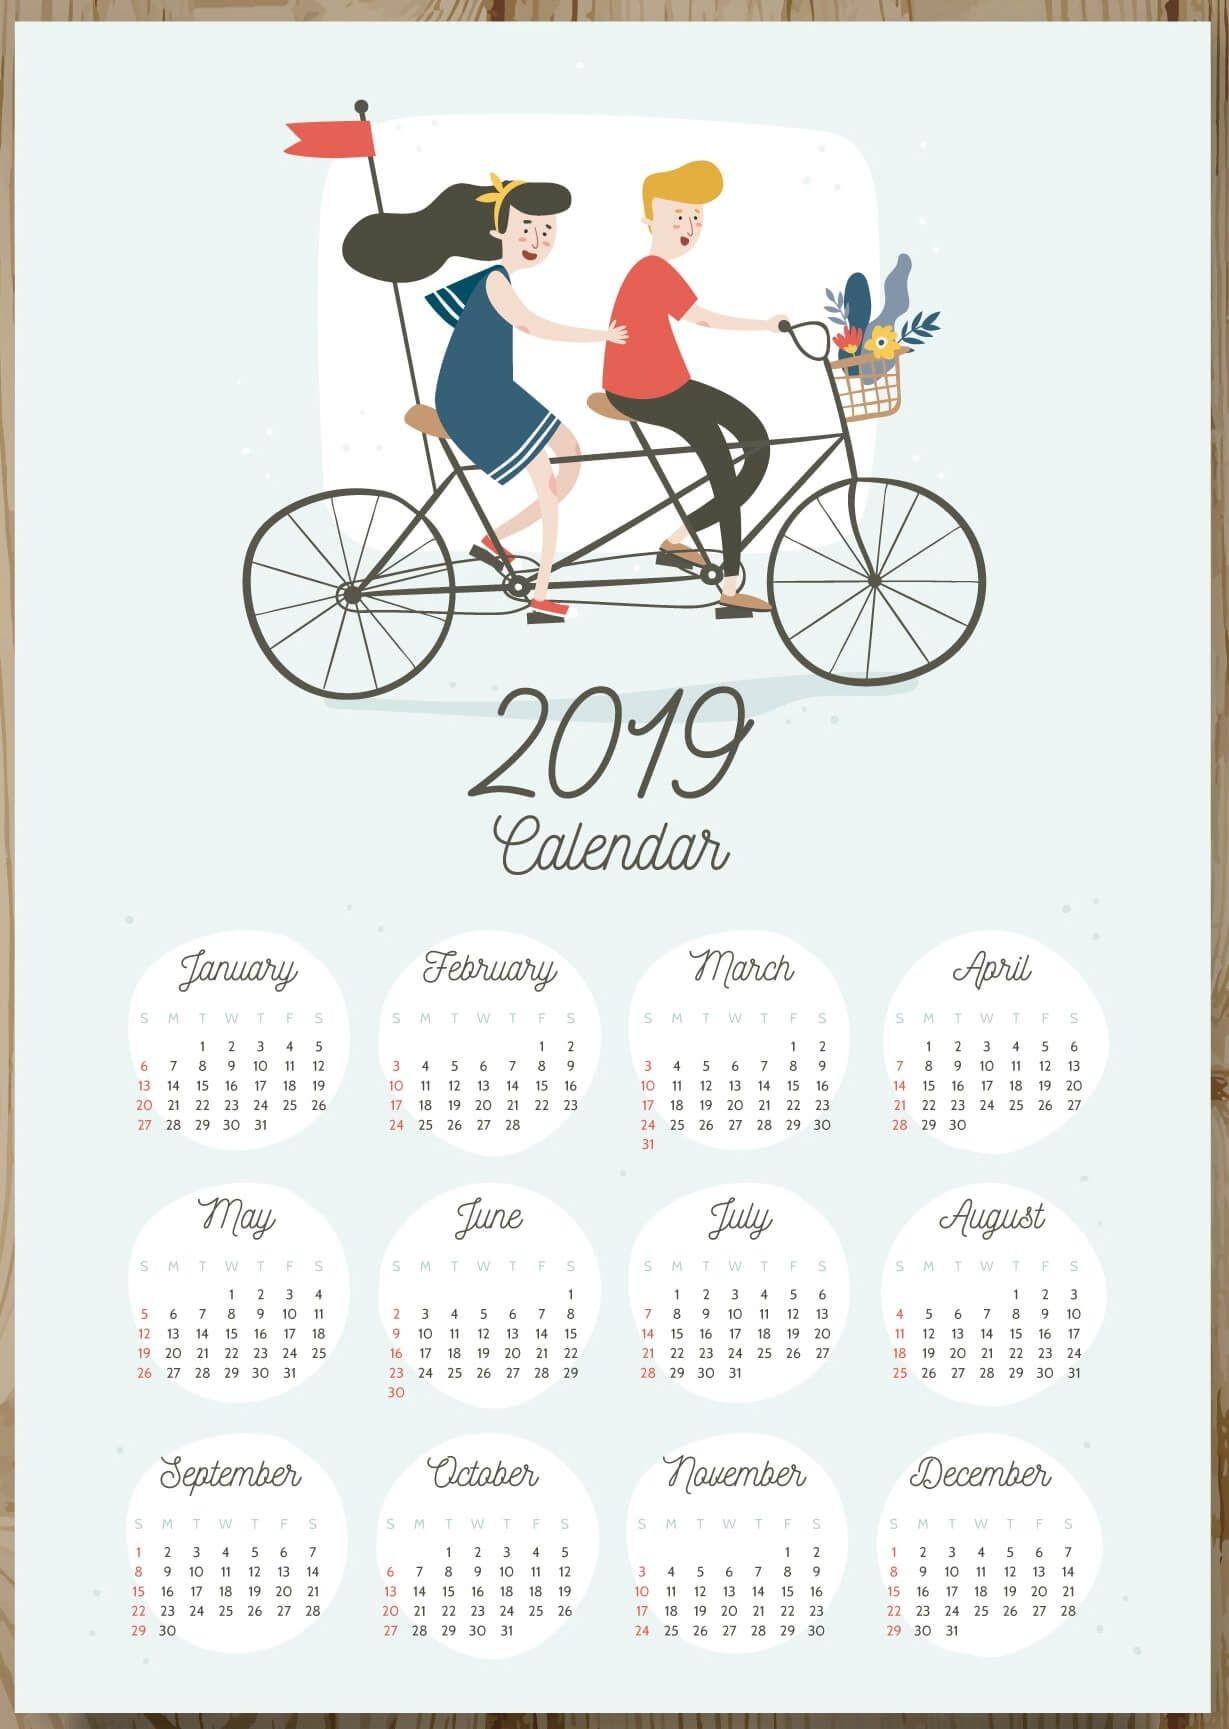 Calendario Para Imprimir A3 Más Caliente 12 Months 2019 E Page Calendar 2019calendars Of Calendario Para Imprimir A3 Más Recientes 12 Best Disney Images On Pinterest